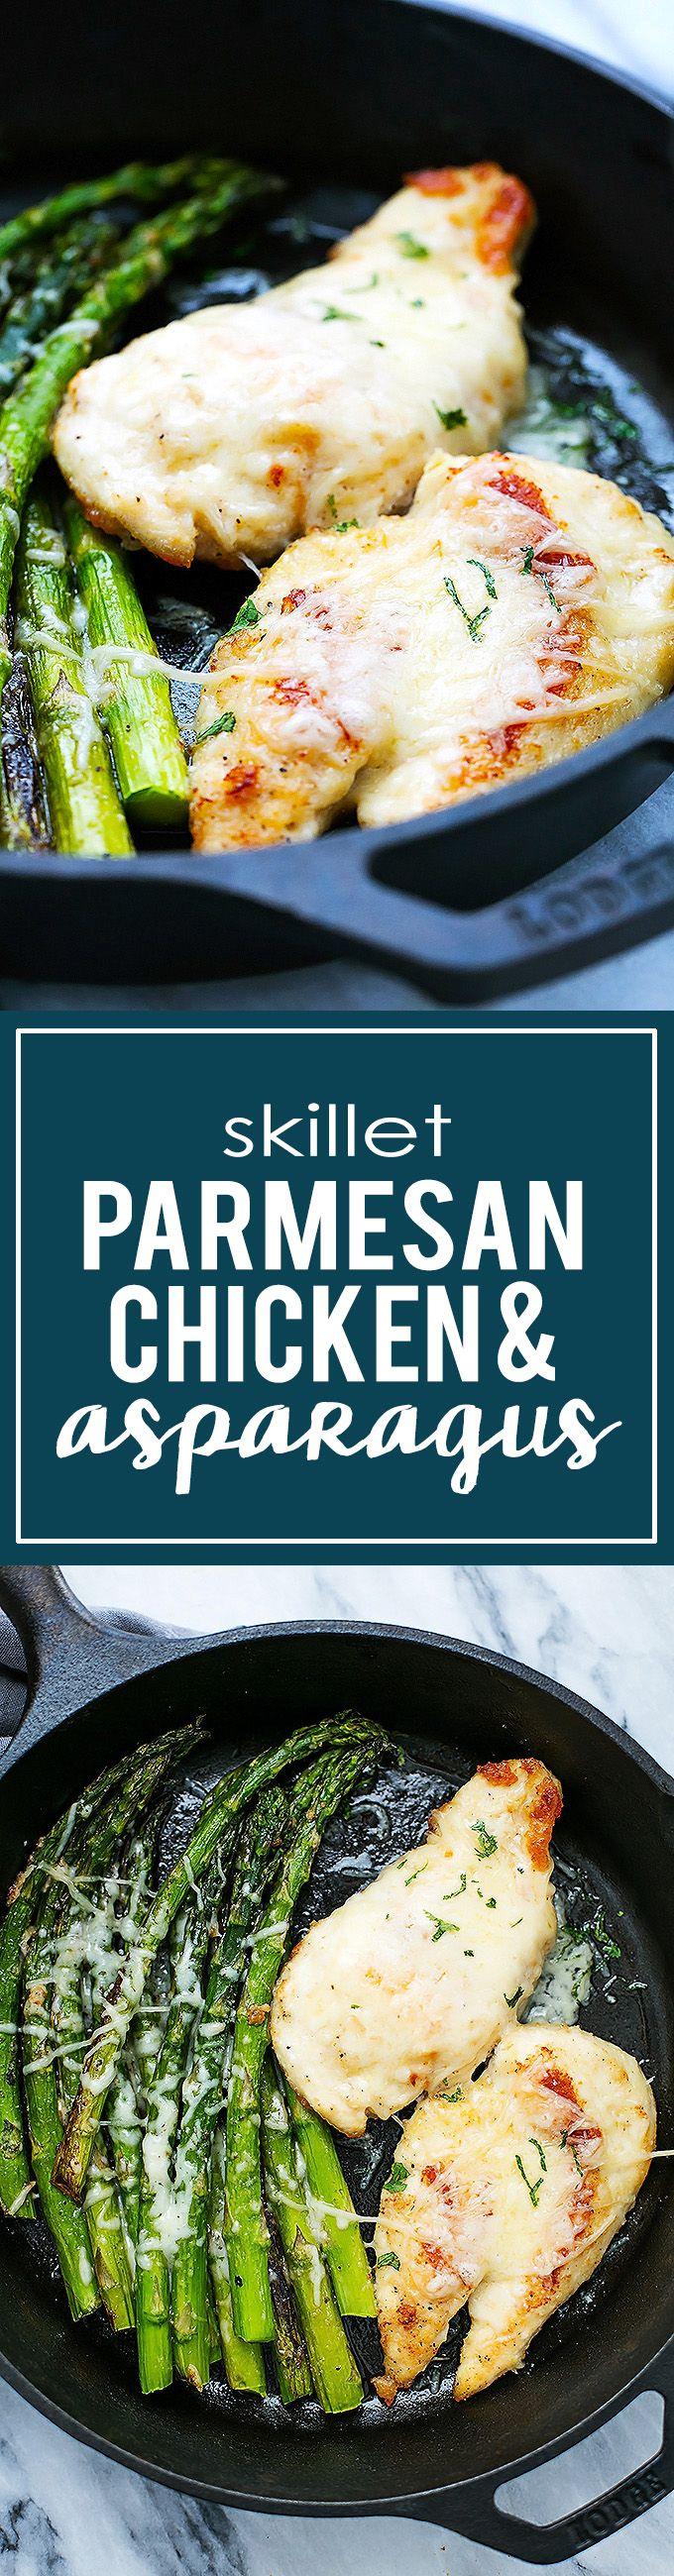 One Pan Skillet Parmesan Chicken & Asparagus   Creme de la Crumb